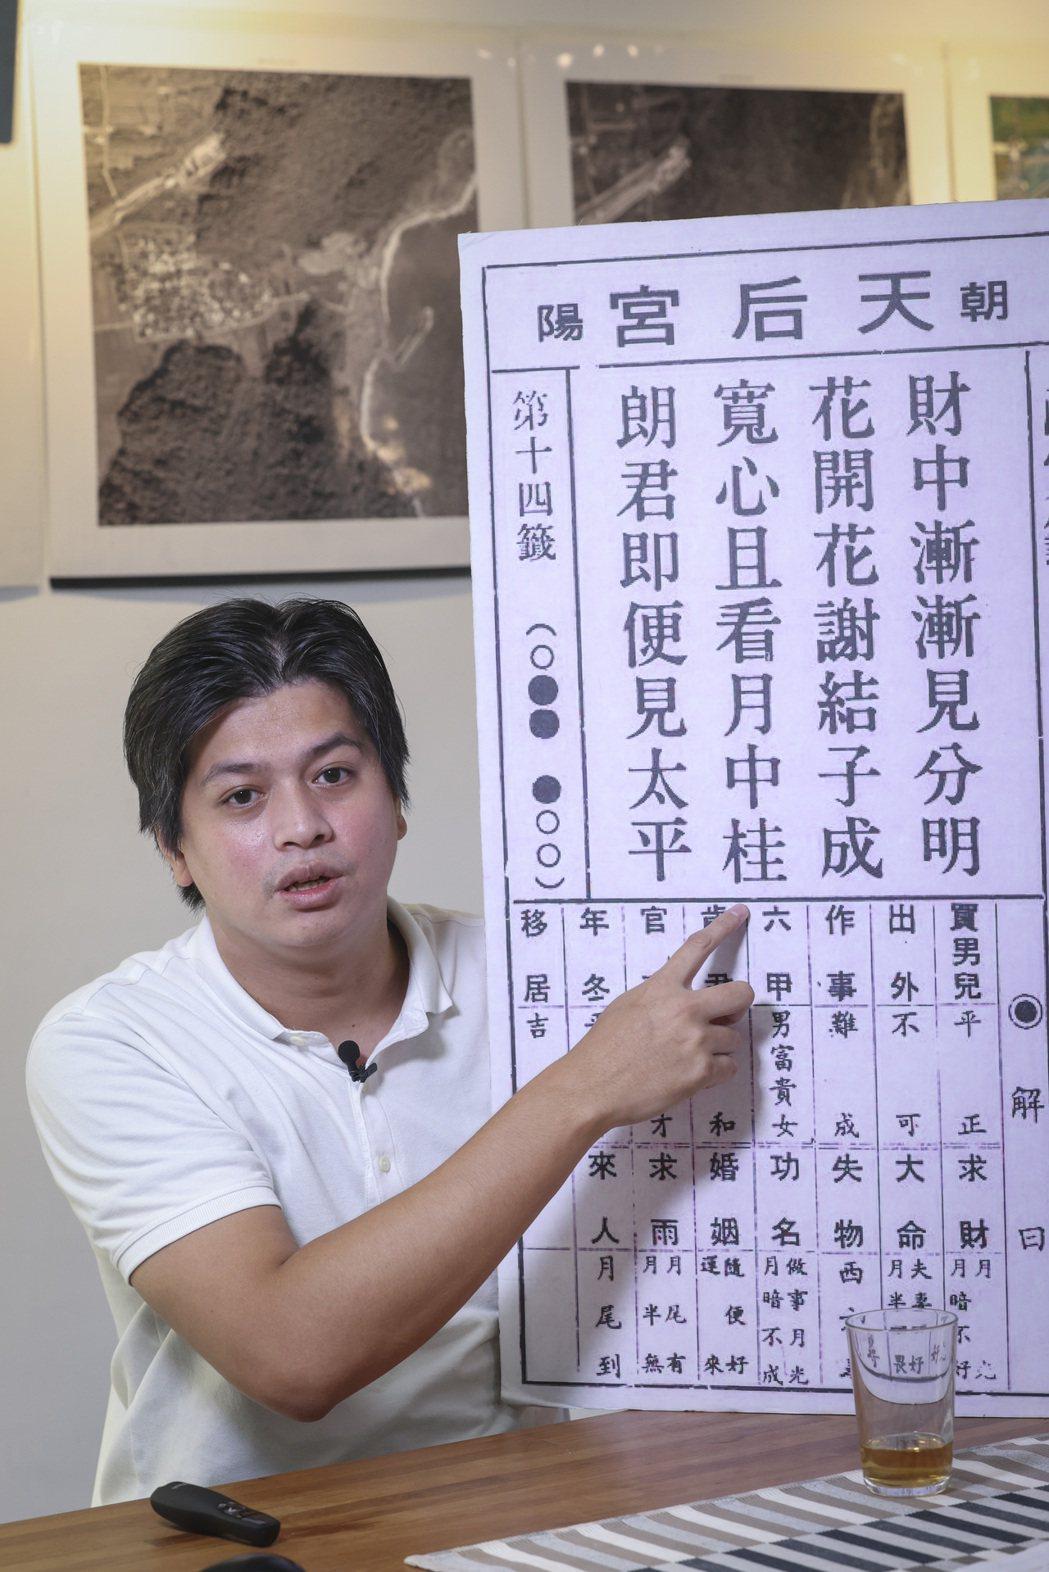 趙文豪笑說當年會選址在宜蘭南澳,全因這張籤詩。記者王聰賢/攝影